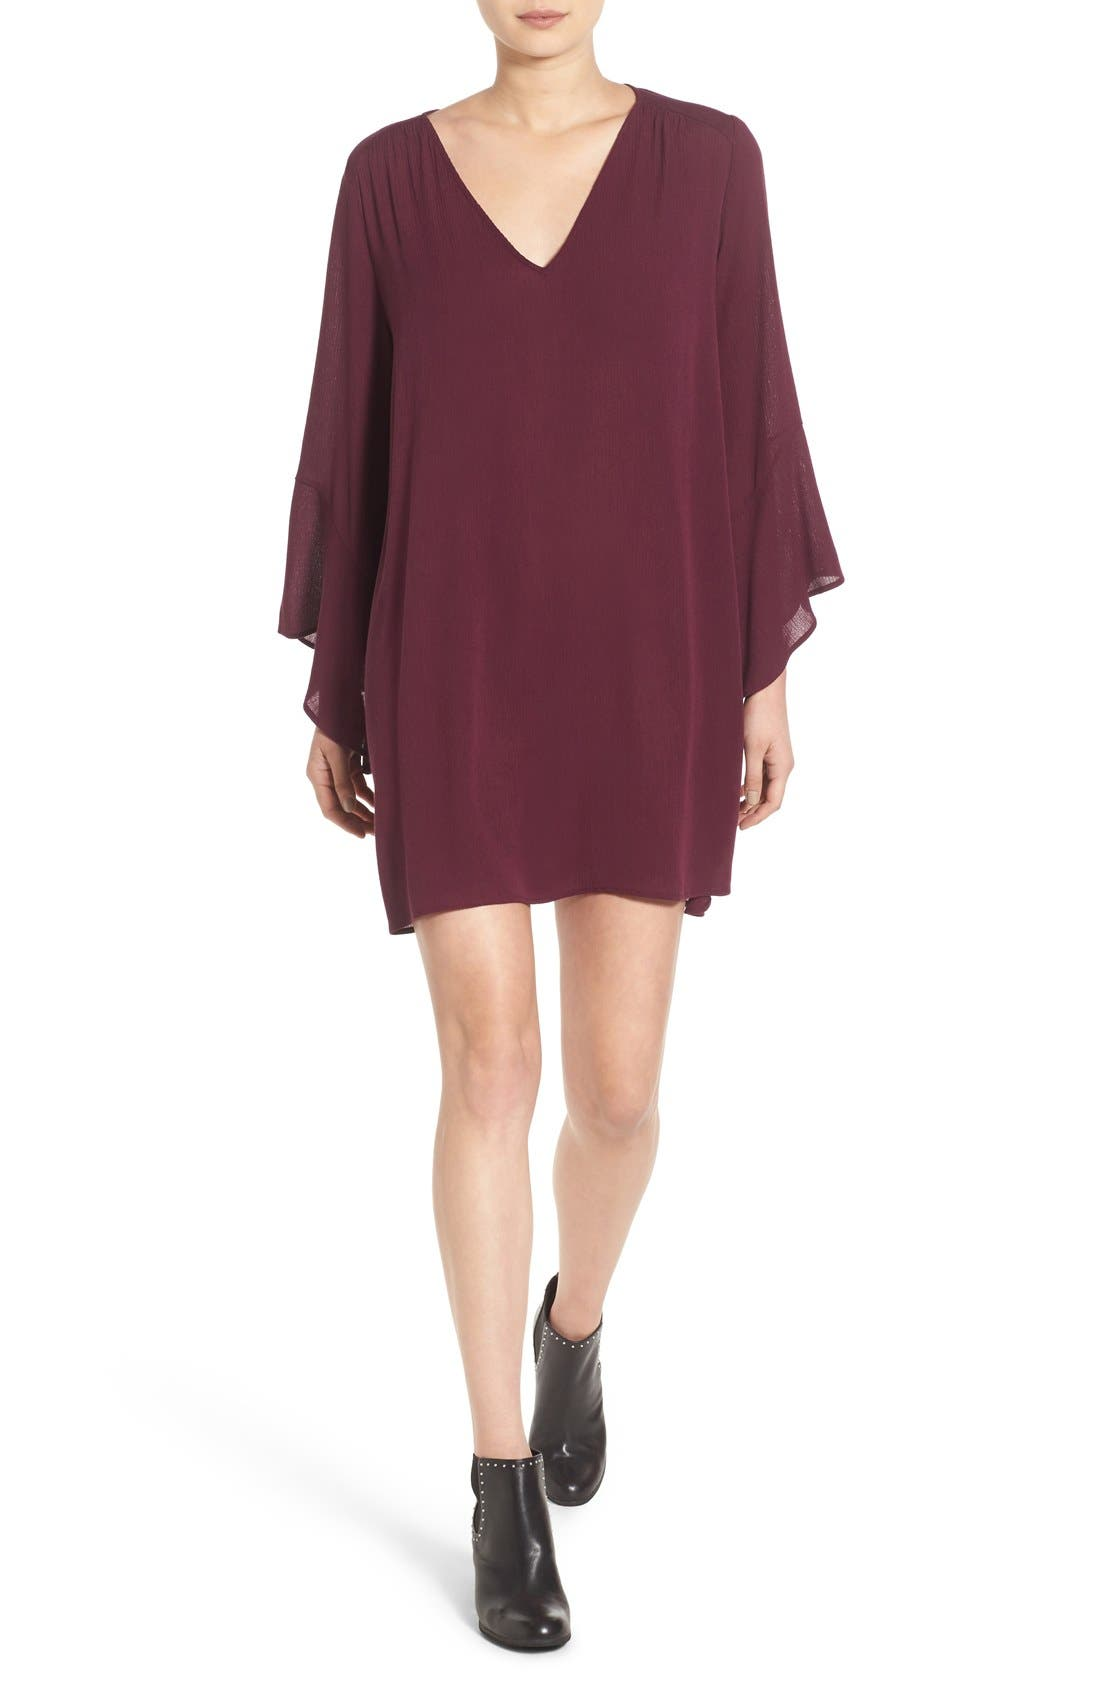 Alternate Image 1 Selected - Lush 'Whitney' Bell Sleeve Woven Shift Dress